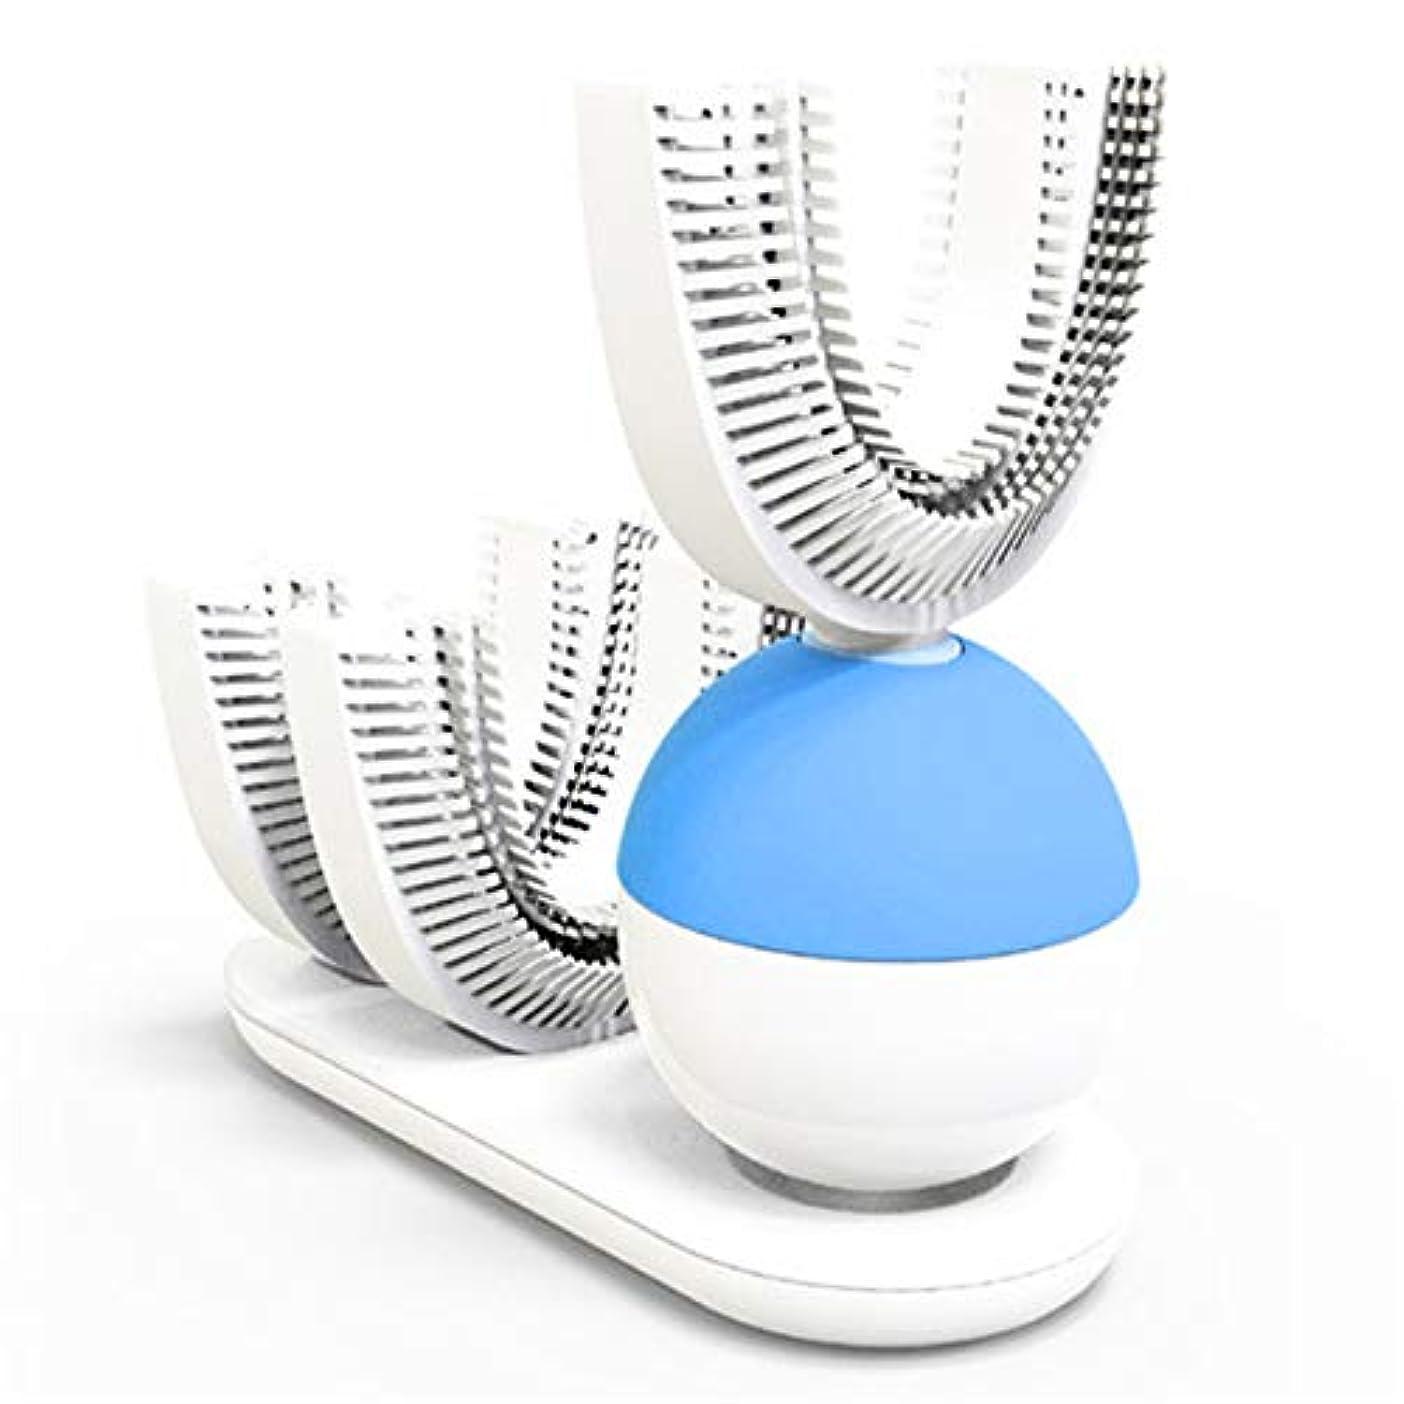 状態検査官にやにや電動歯ブラシ 自動歯ブラシ U型 360°全方位 超音波 怠け者歯ブラシ ワイヤレス充電 歯ブラシヘッド付き